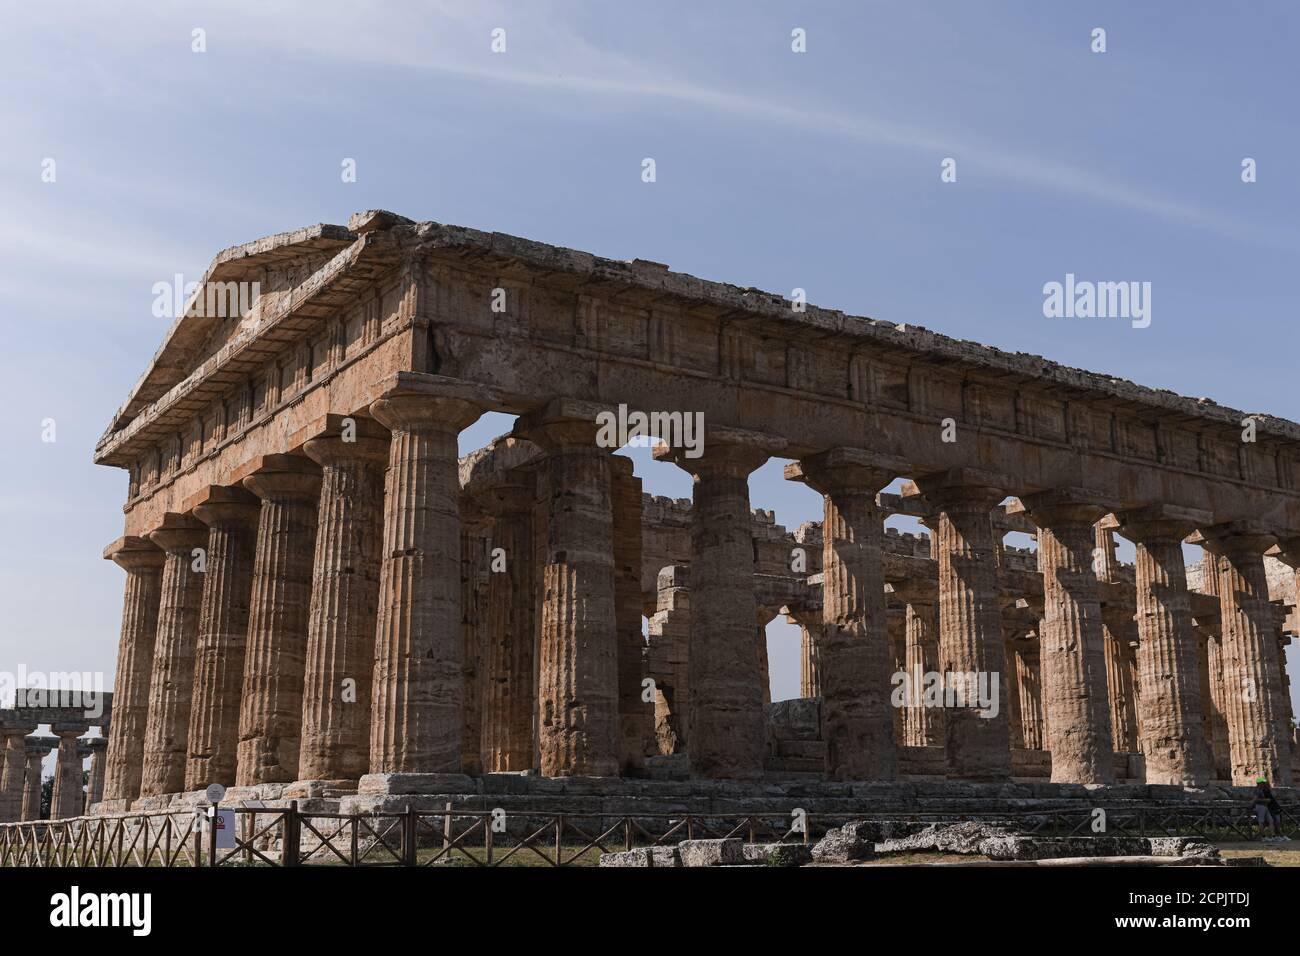 El Templo de Hera II en el sitio arqueológico de Paestum, Campania, Italia. Foto de stock